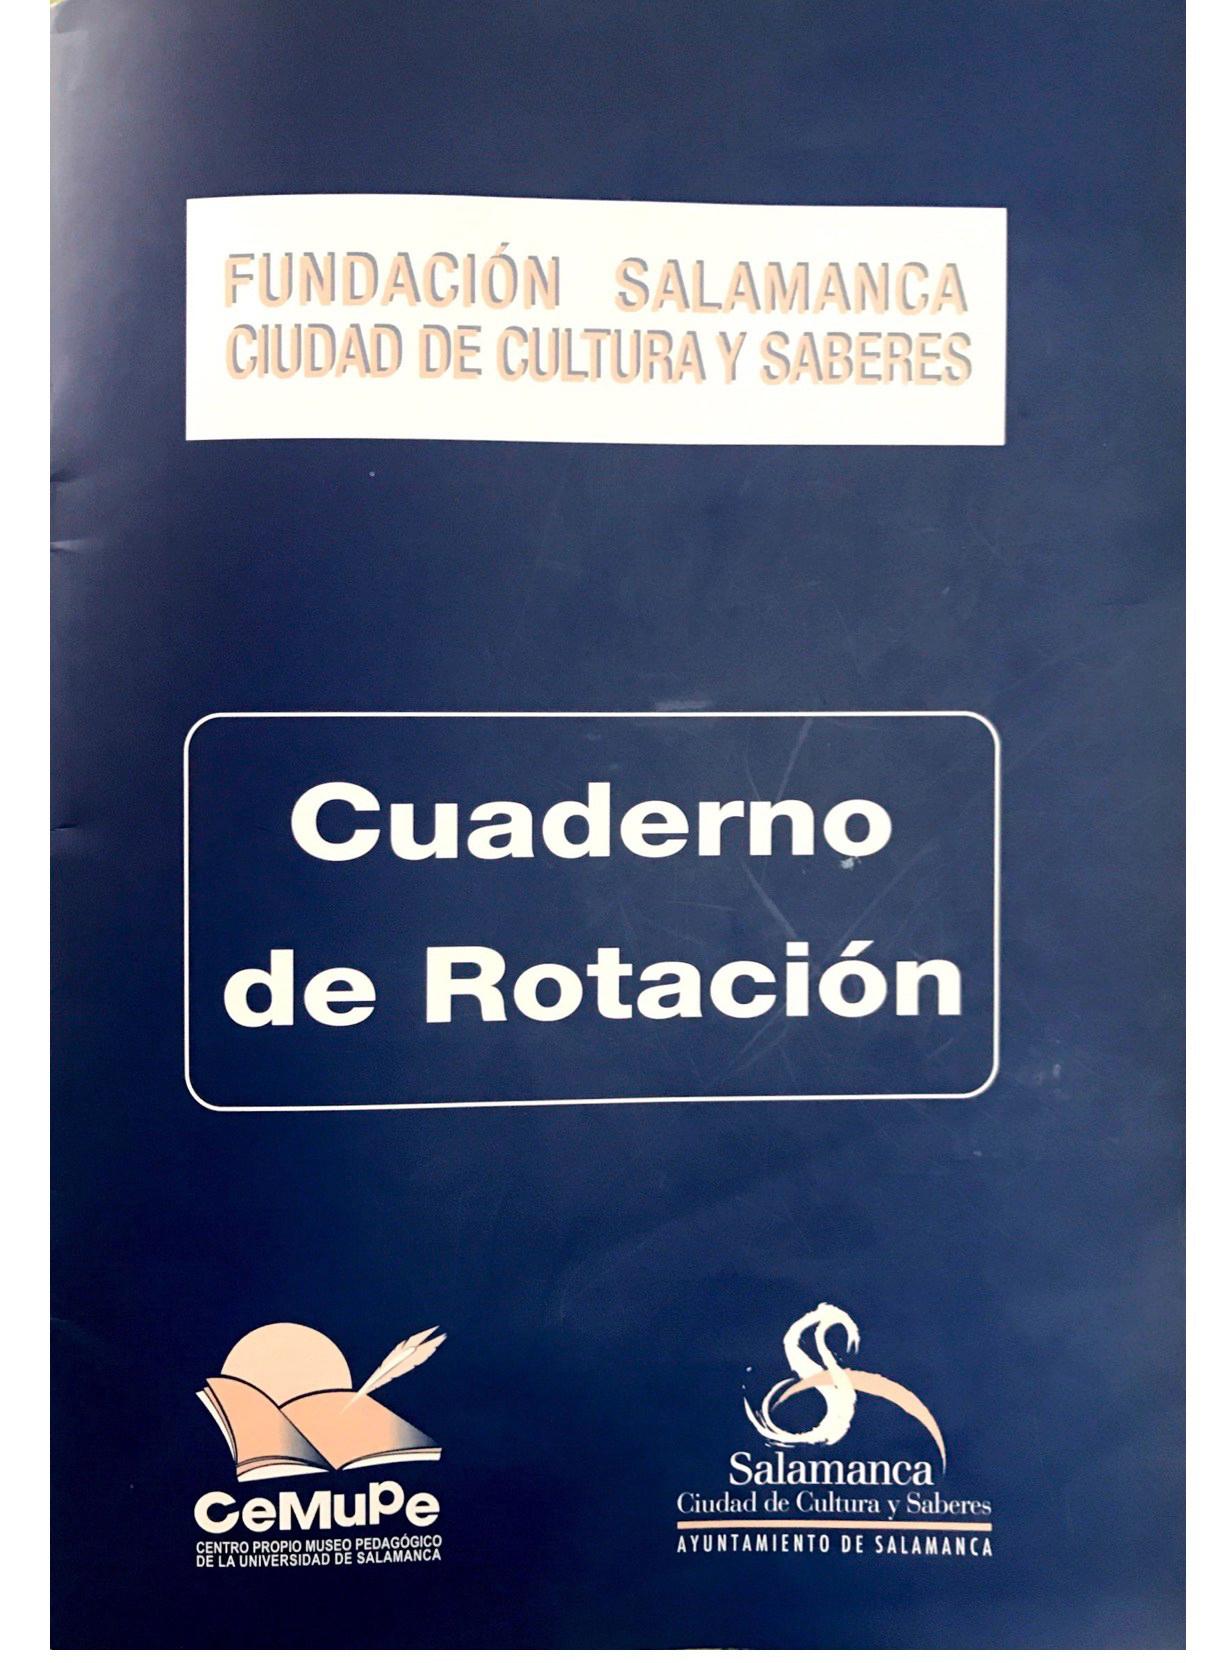 cuaderno-de-rotacion.jpg